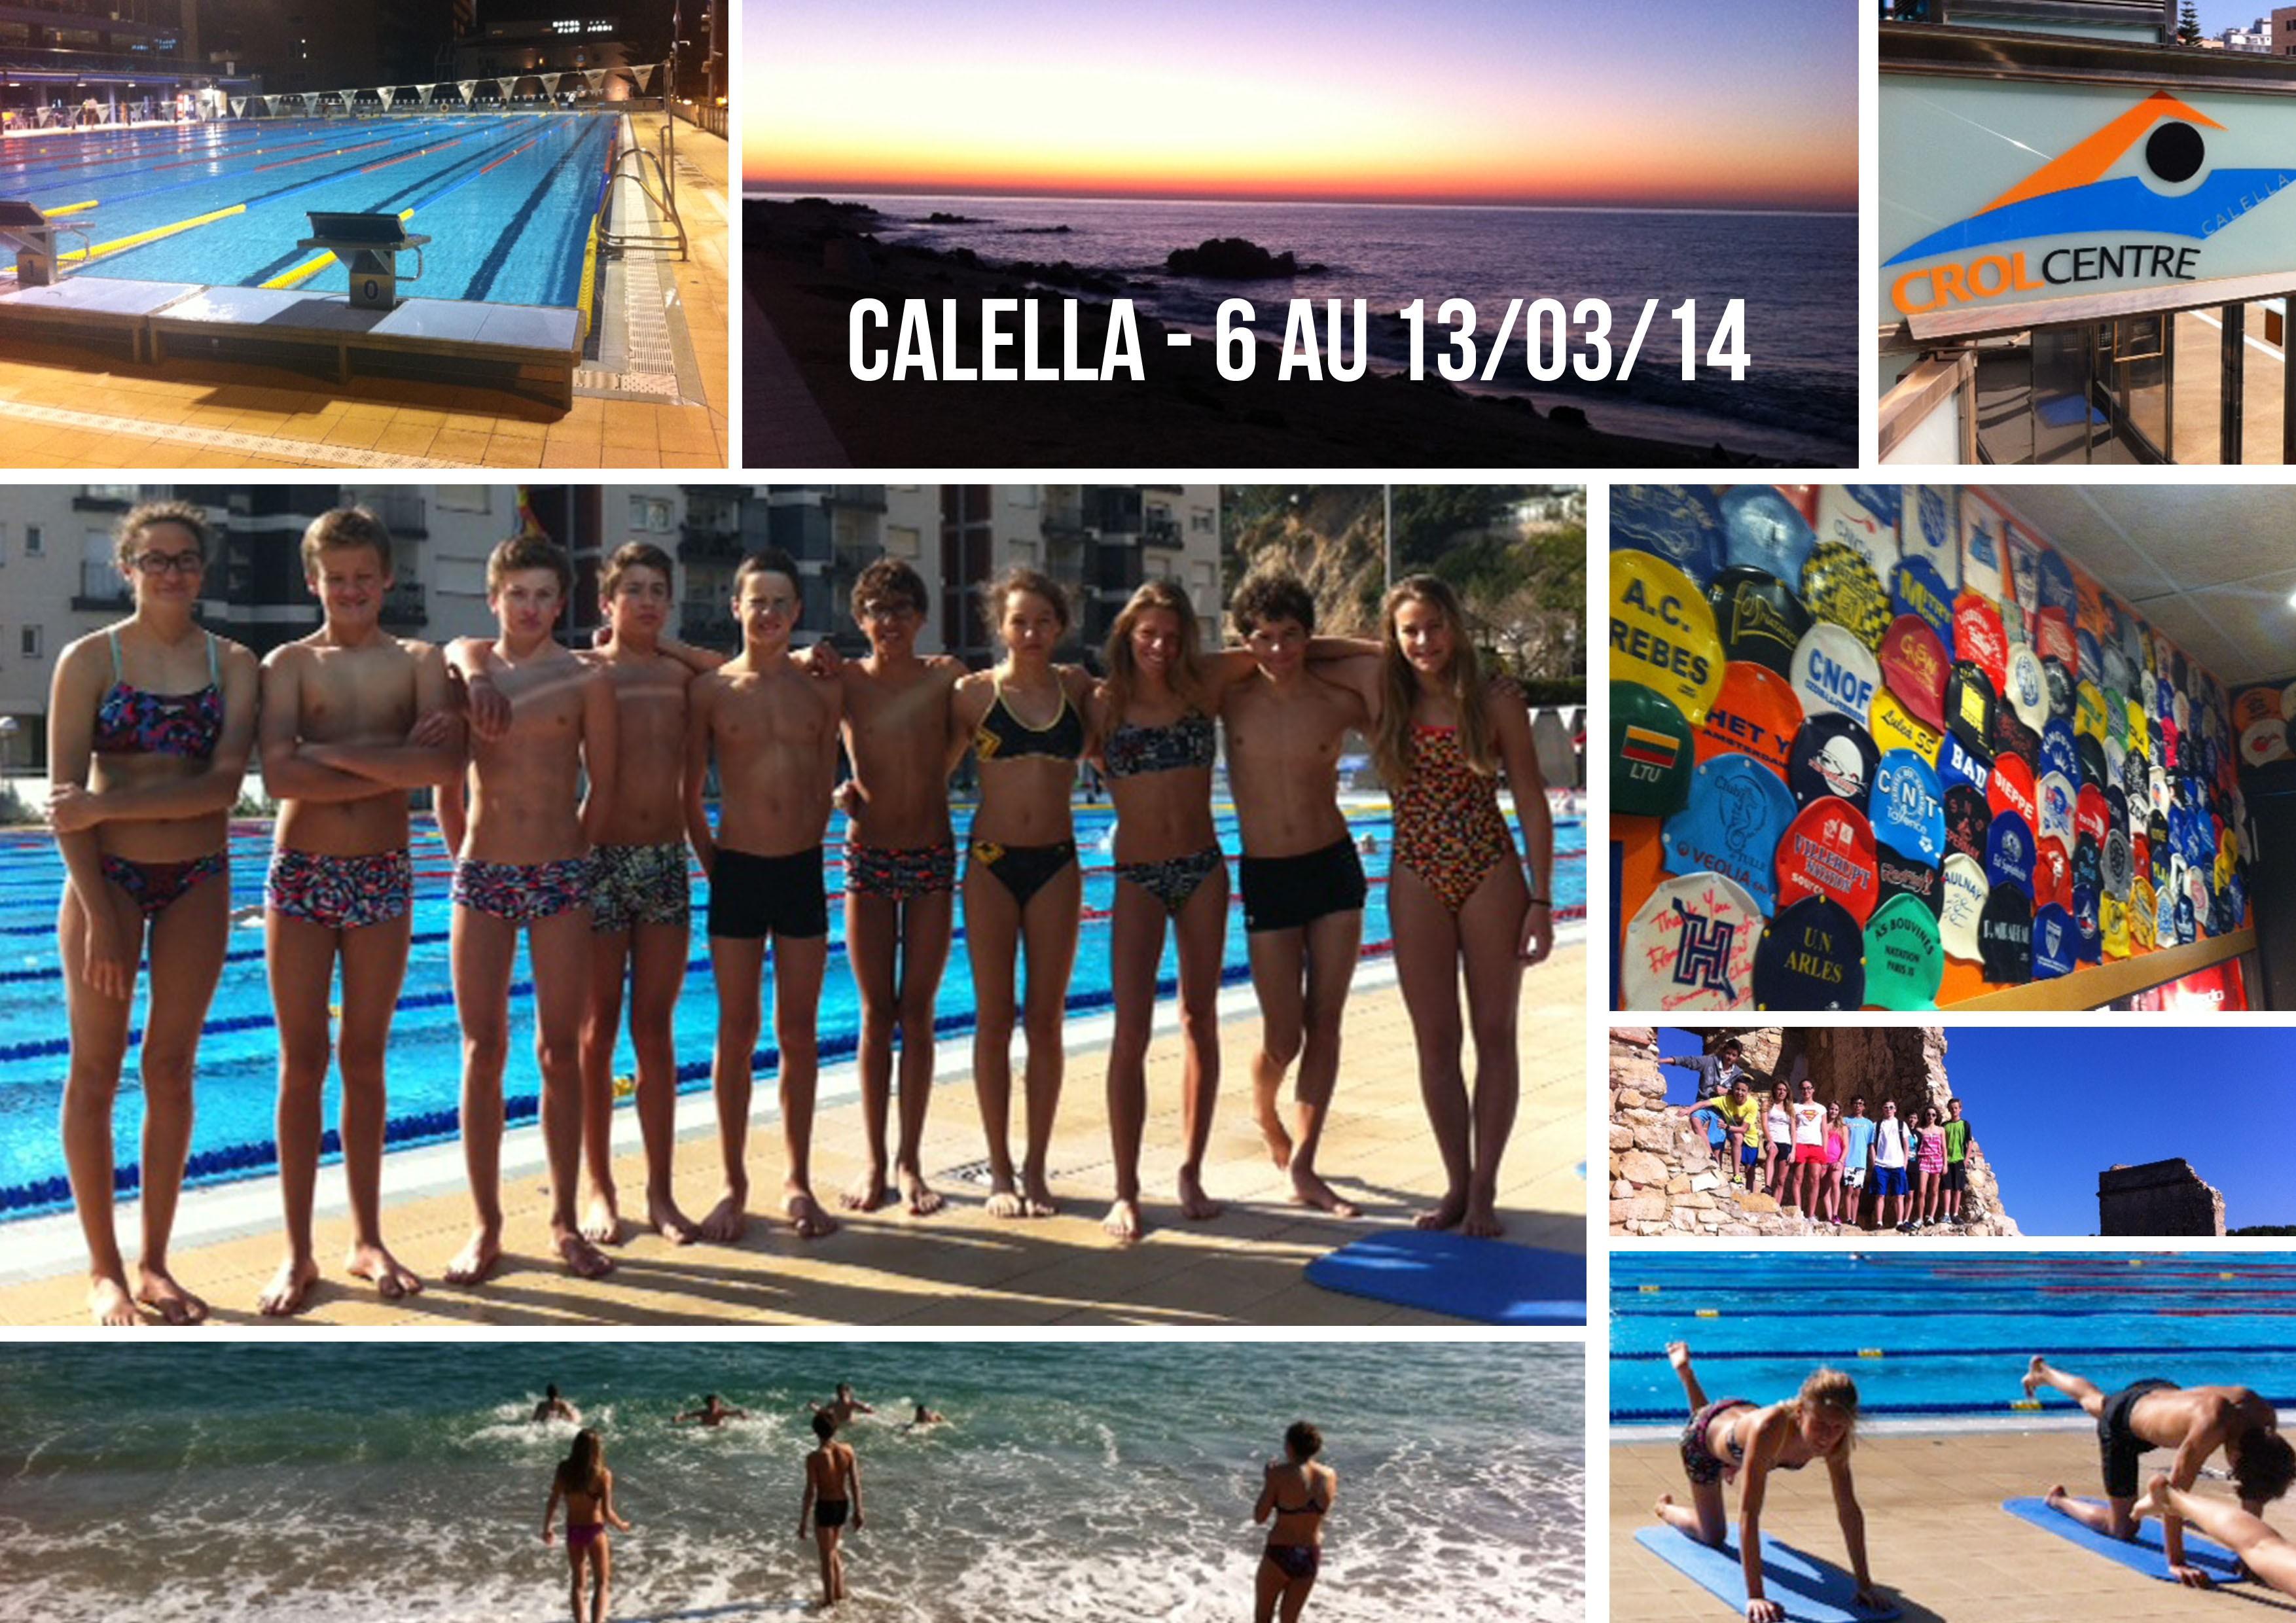 Mont blanc natation actualit s abcnatation for Club de natation piscine parc olympique